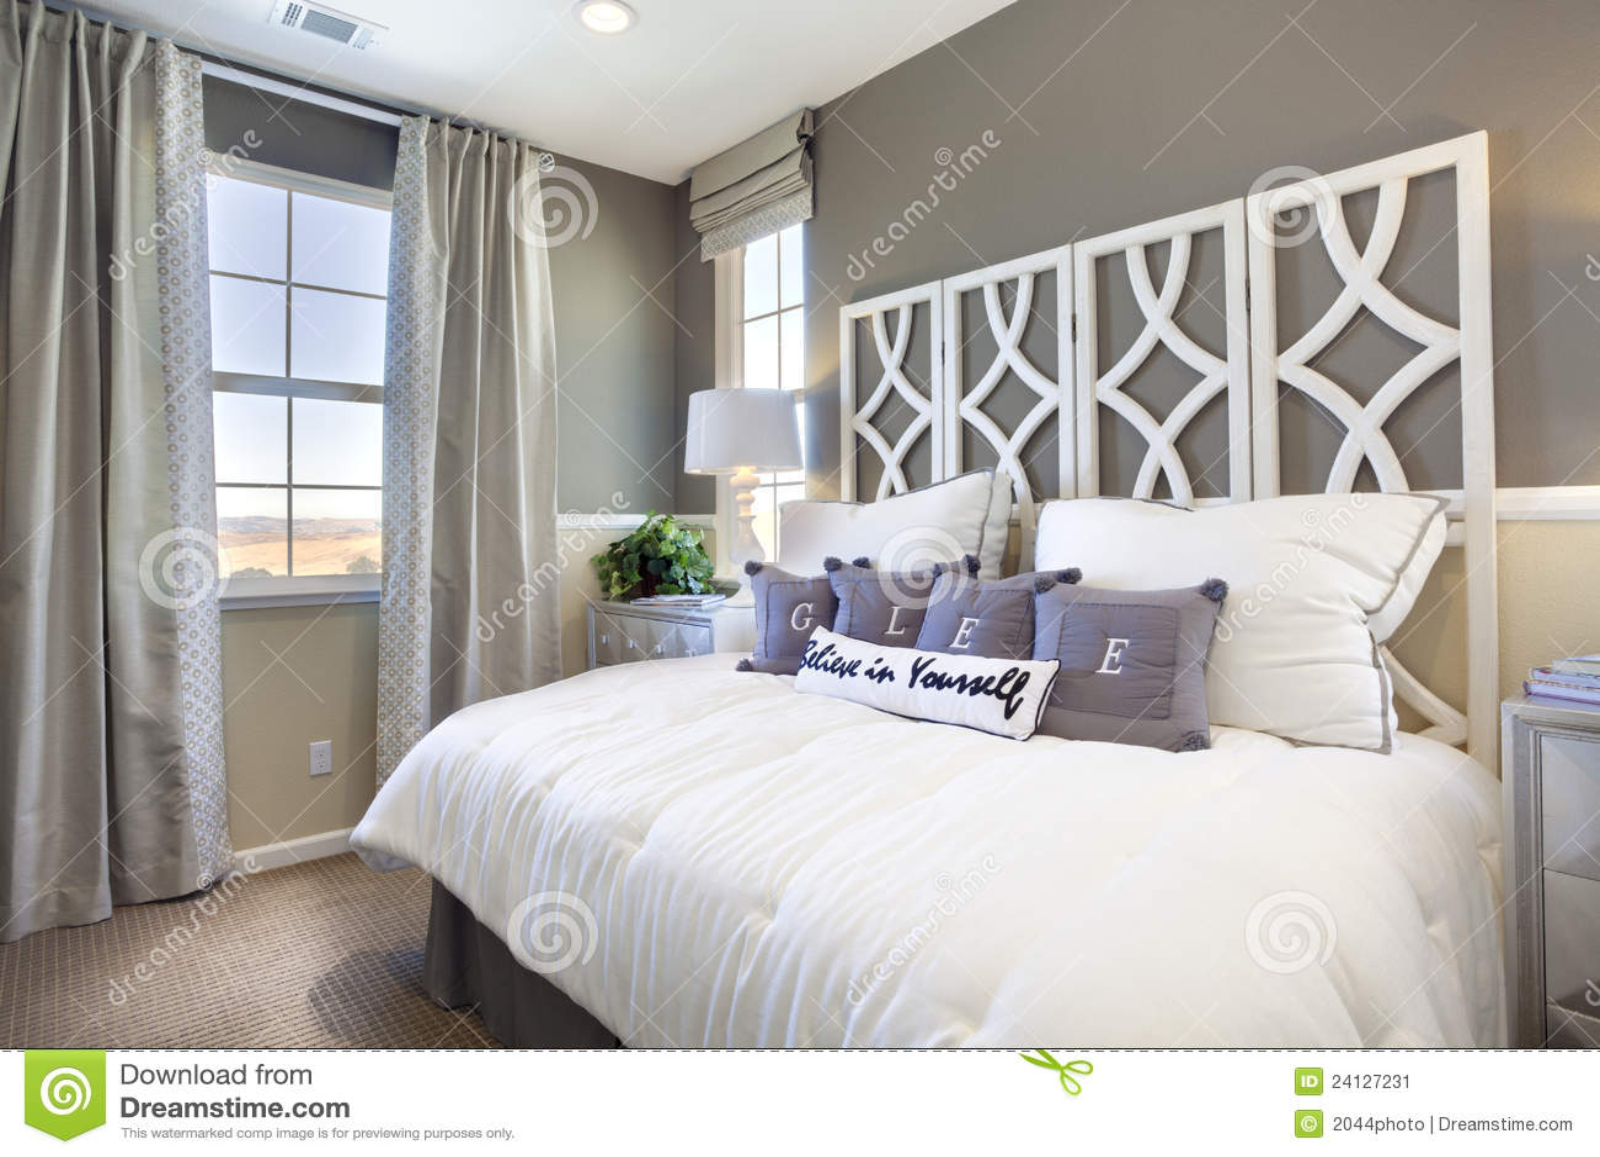 Attraktiv Download Vorbildliches Ausgangsschlafzimmer   Taupe U. Weiß Stockbild    Bild Von Fenster, Bett: